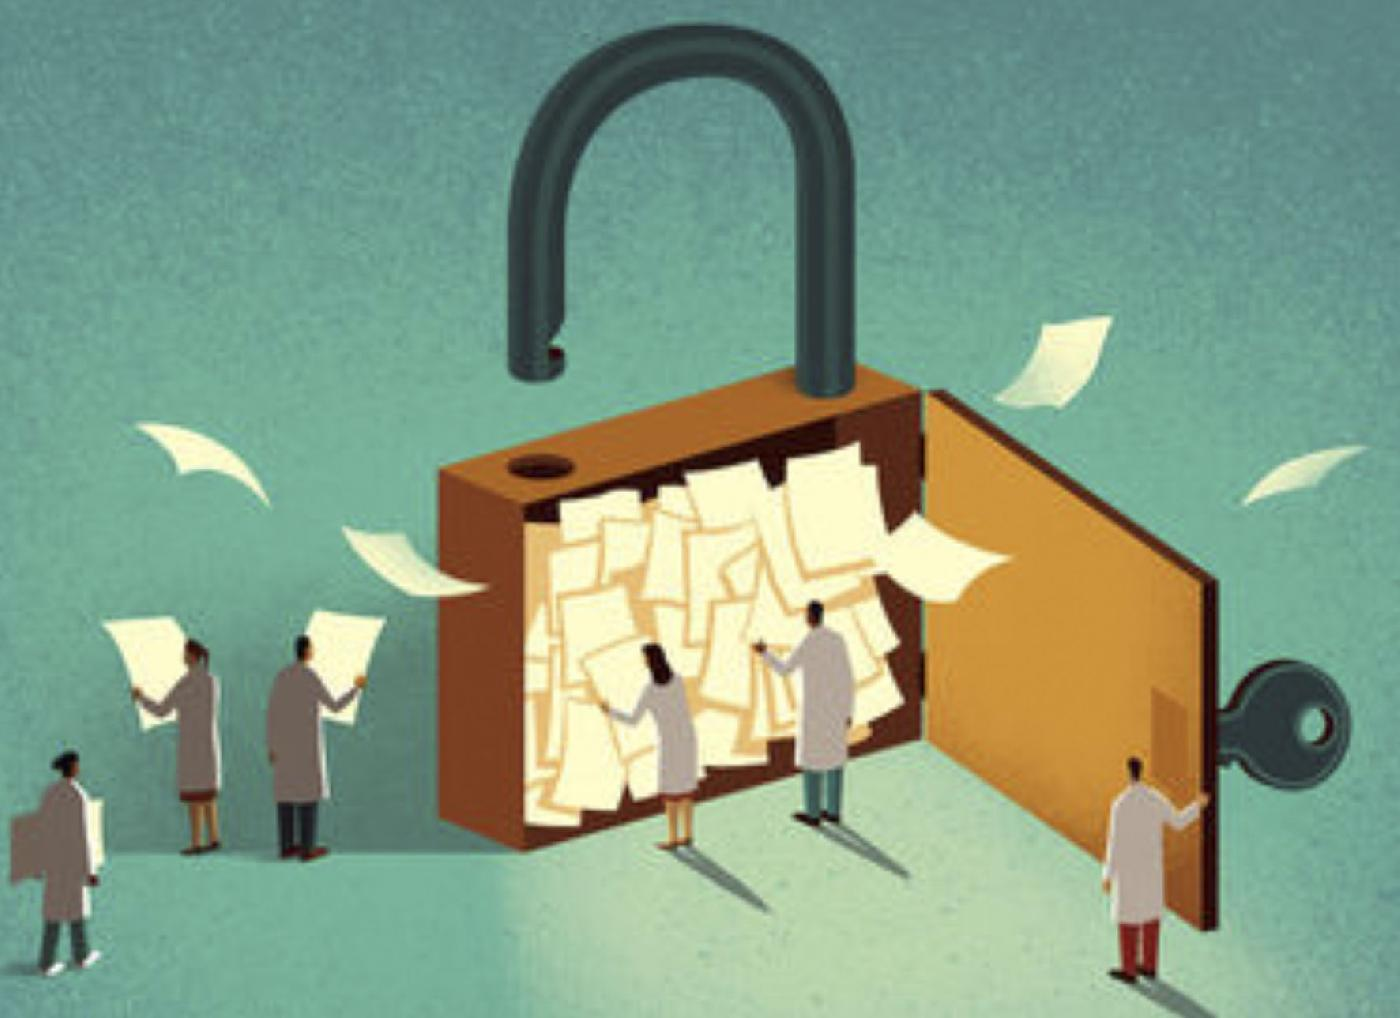 Usvojena politika otvorenog pristupa istraživačkoj infrastrukturi Univerziteta u Bihaću